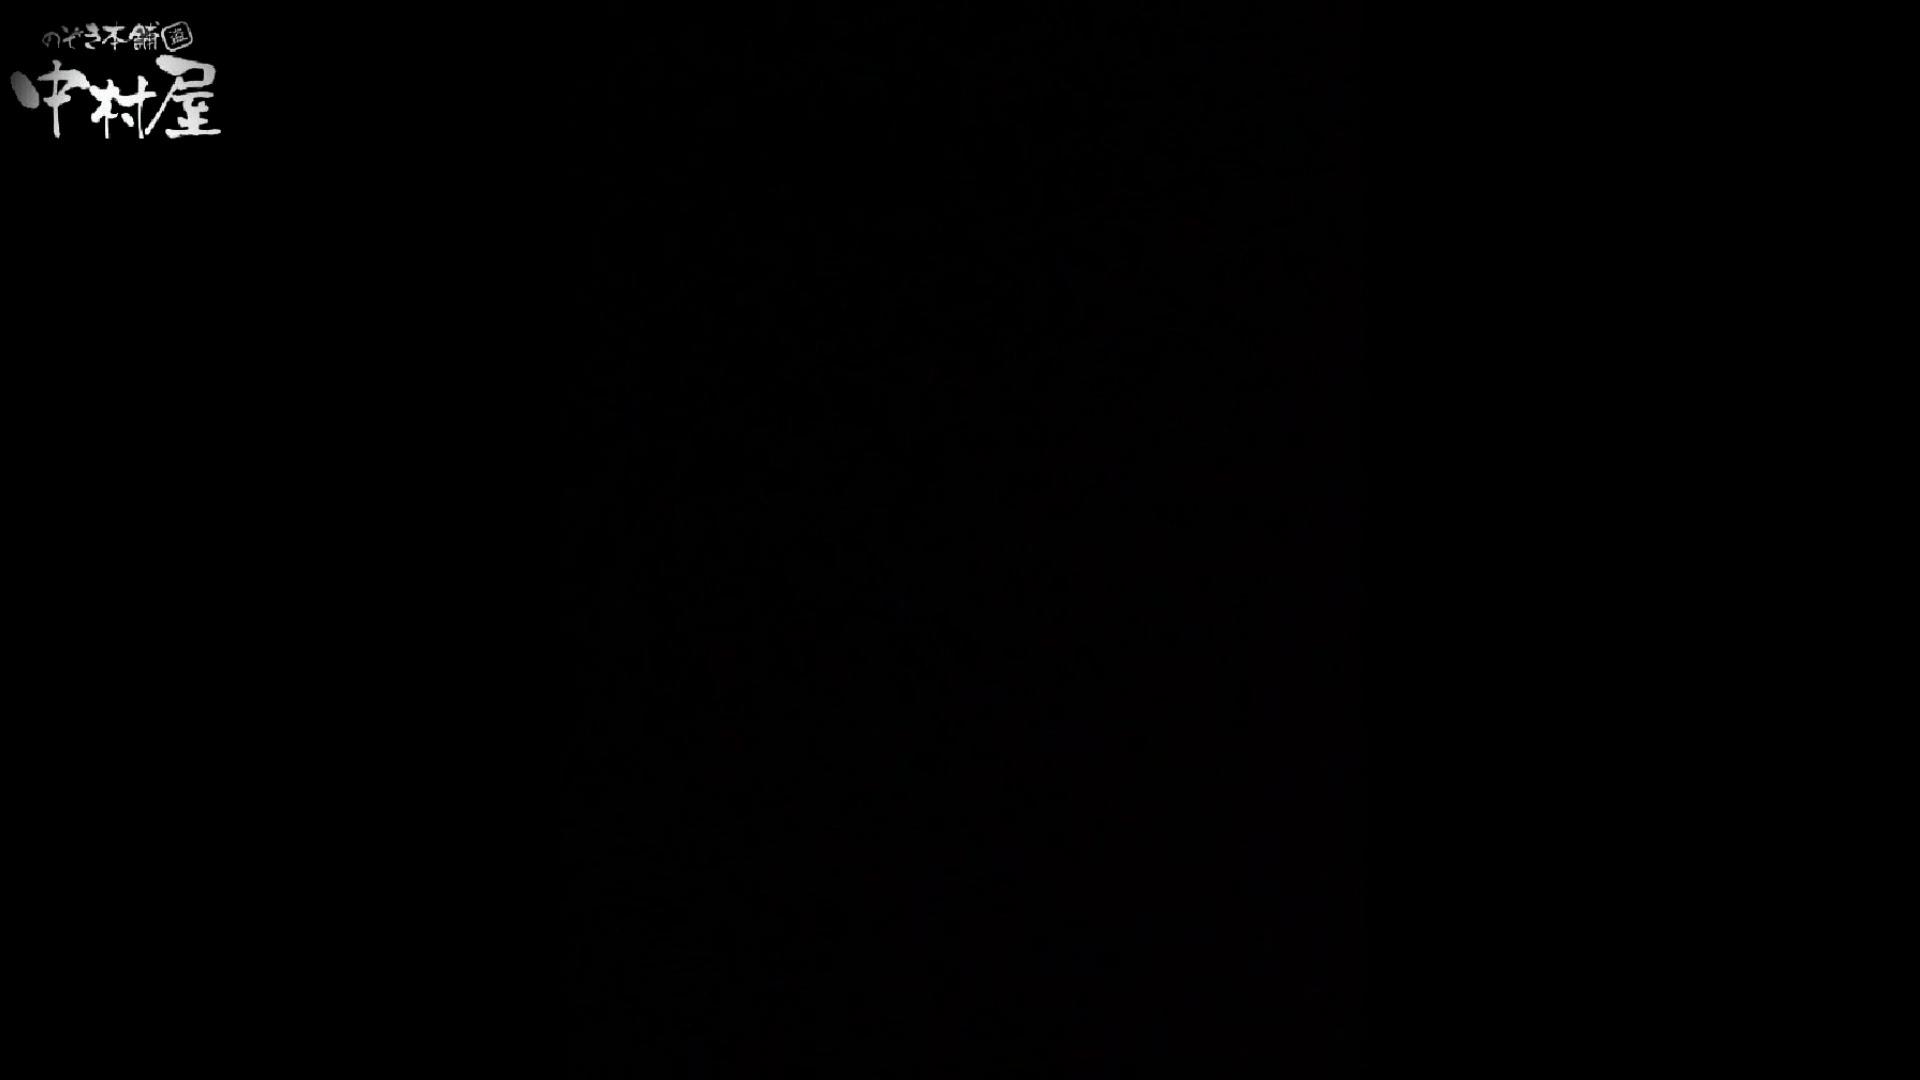 民家風呂専門盗撮師の超危険映像 vol.006 股間 オマンコ無修正動画無料 88PIX 23